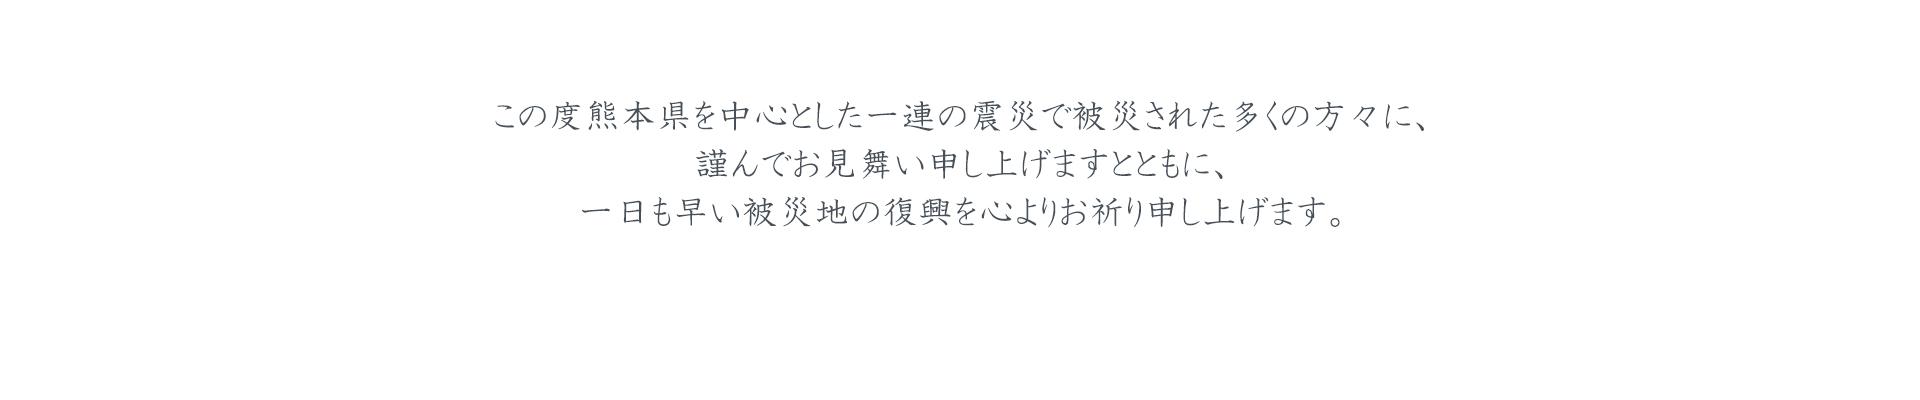 平成28年熊本地震義援金の取り組み